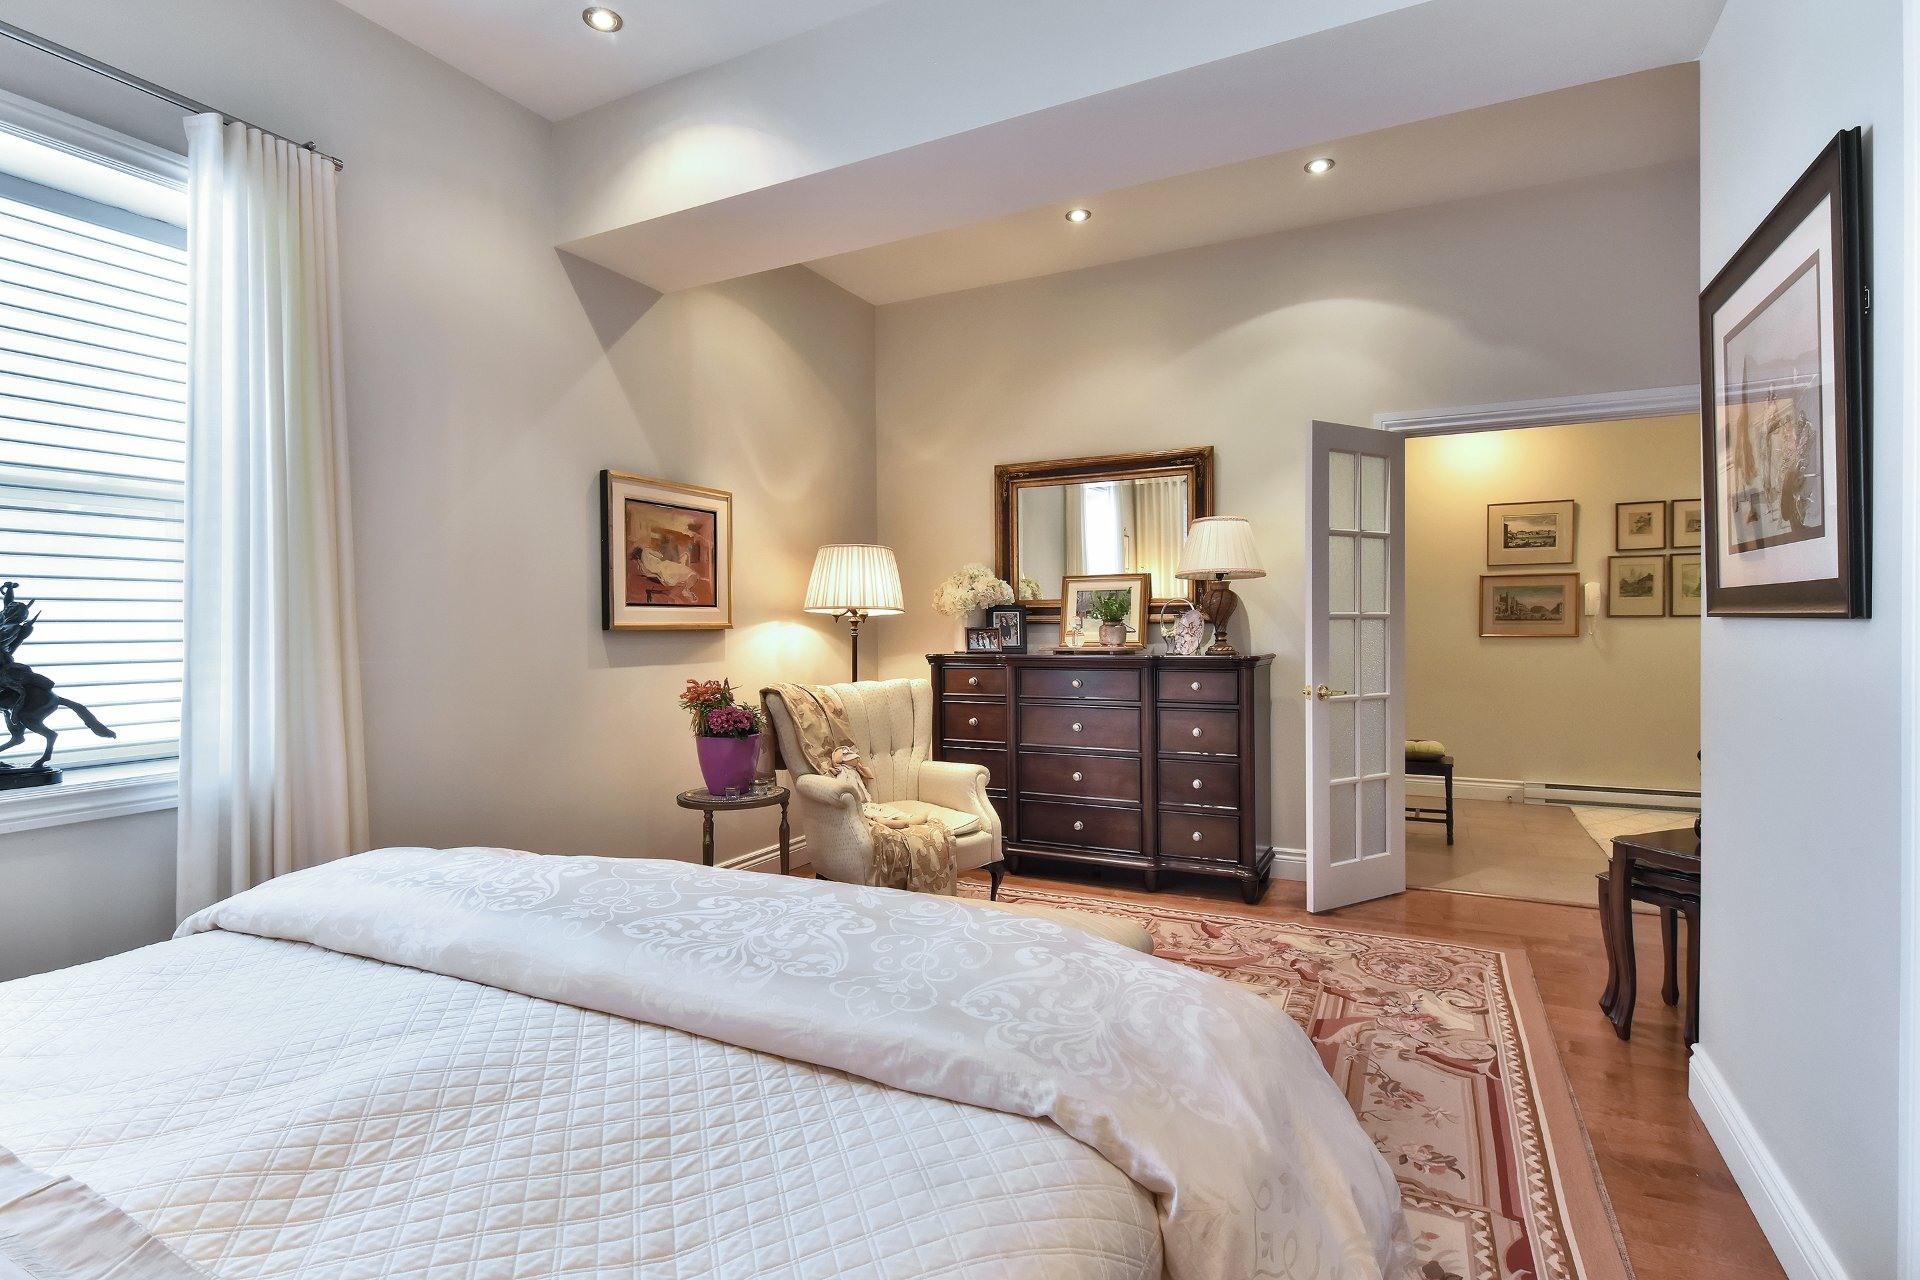 image 5 - Apartment For sale Montréal Côte-des-Neiges/Notre-Dame-de-Grâce  - 5 rooms